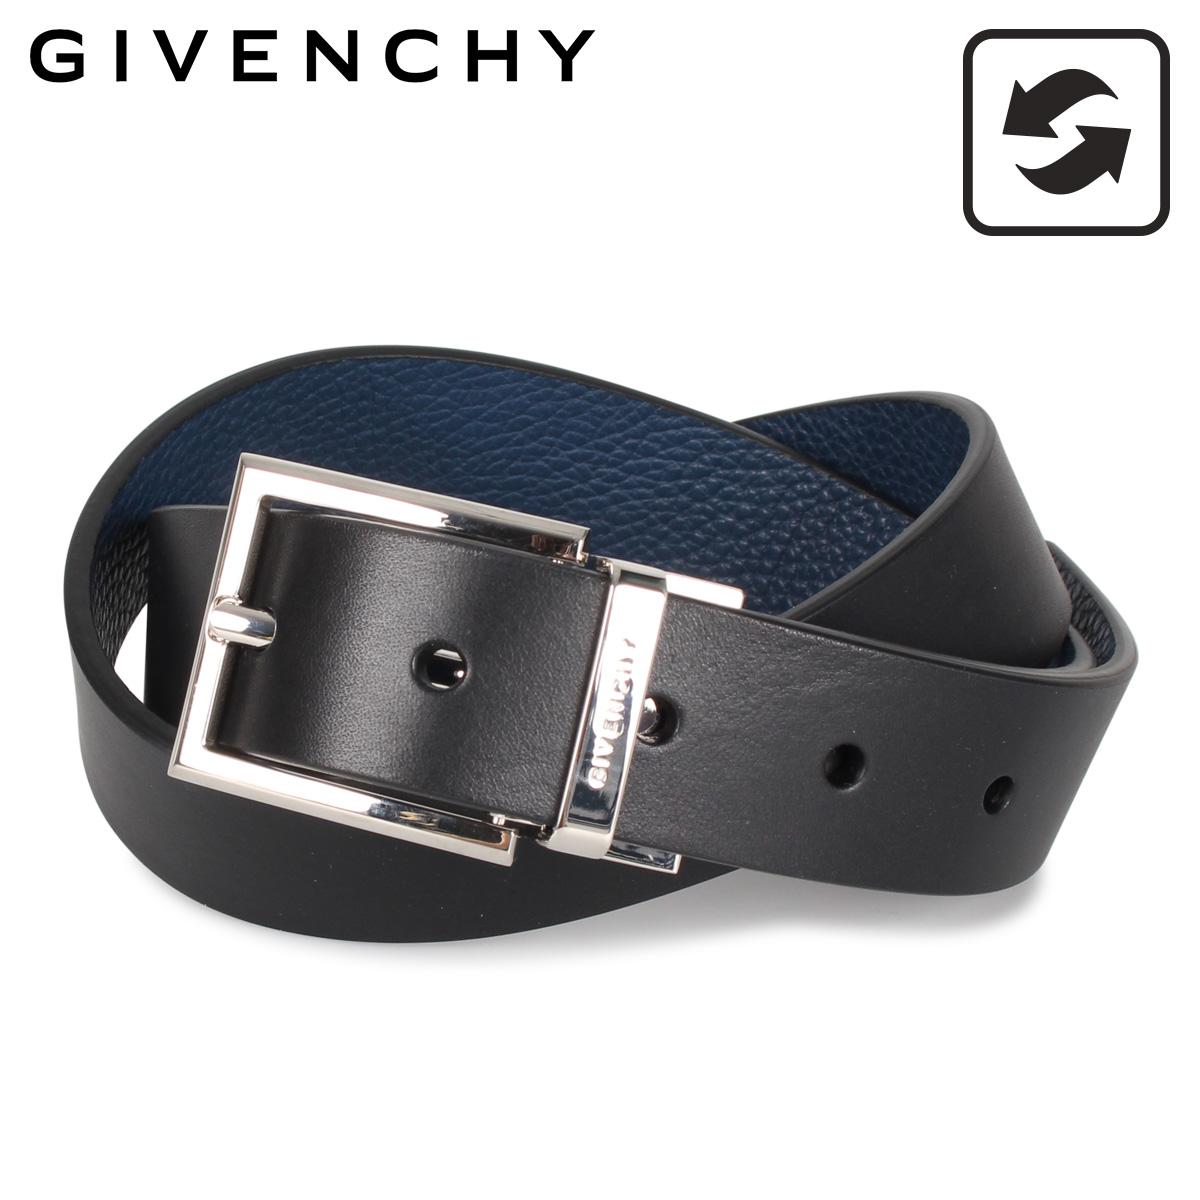 GIVENCHY ジバンシィ ベルト レザーベルト メンズ 本革 レザー リバーシブル ブラック ブルー 黒 BK401K [3/9 新入荷]